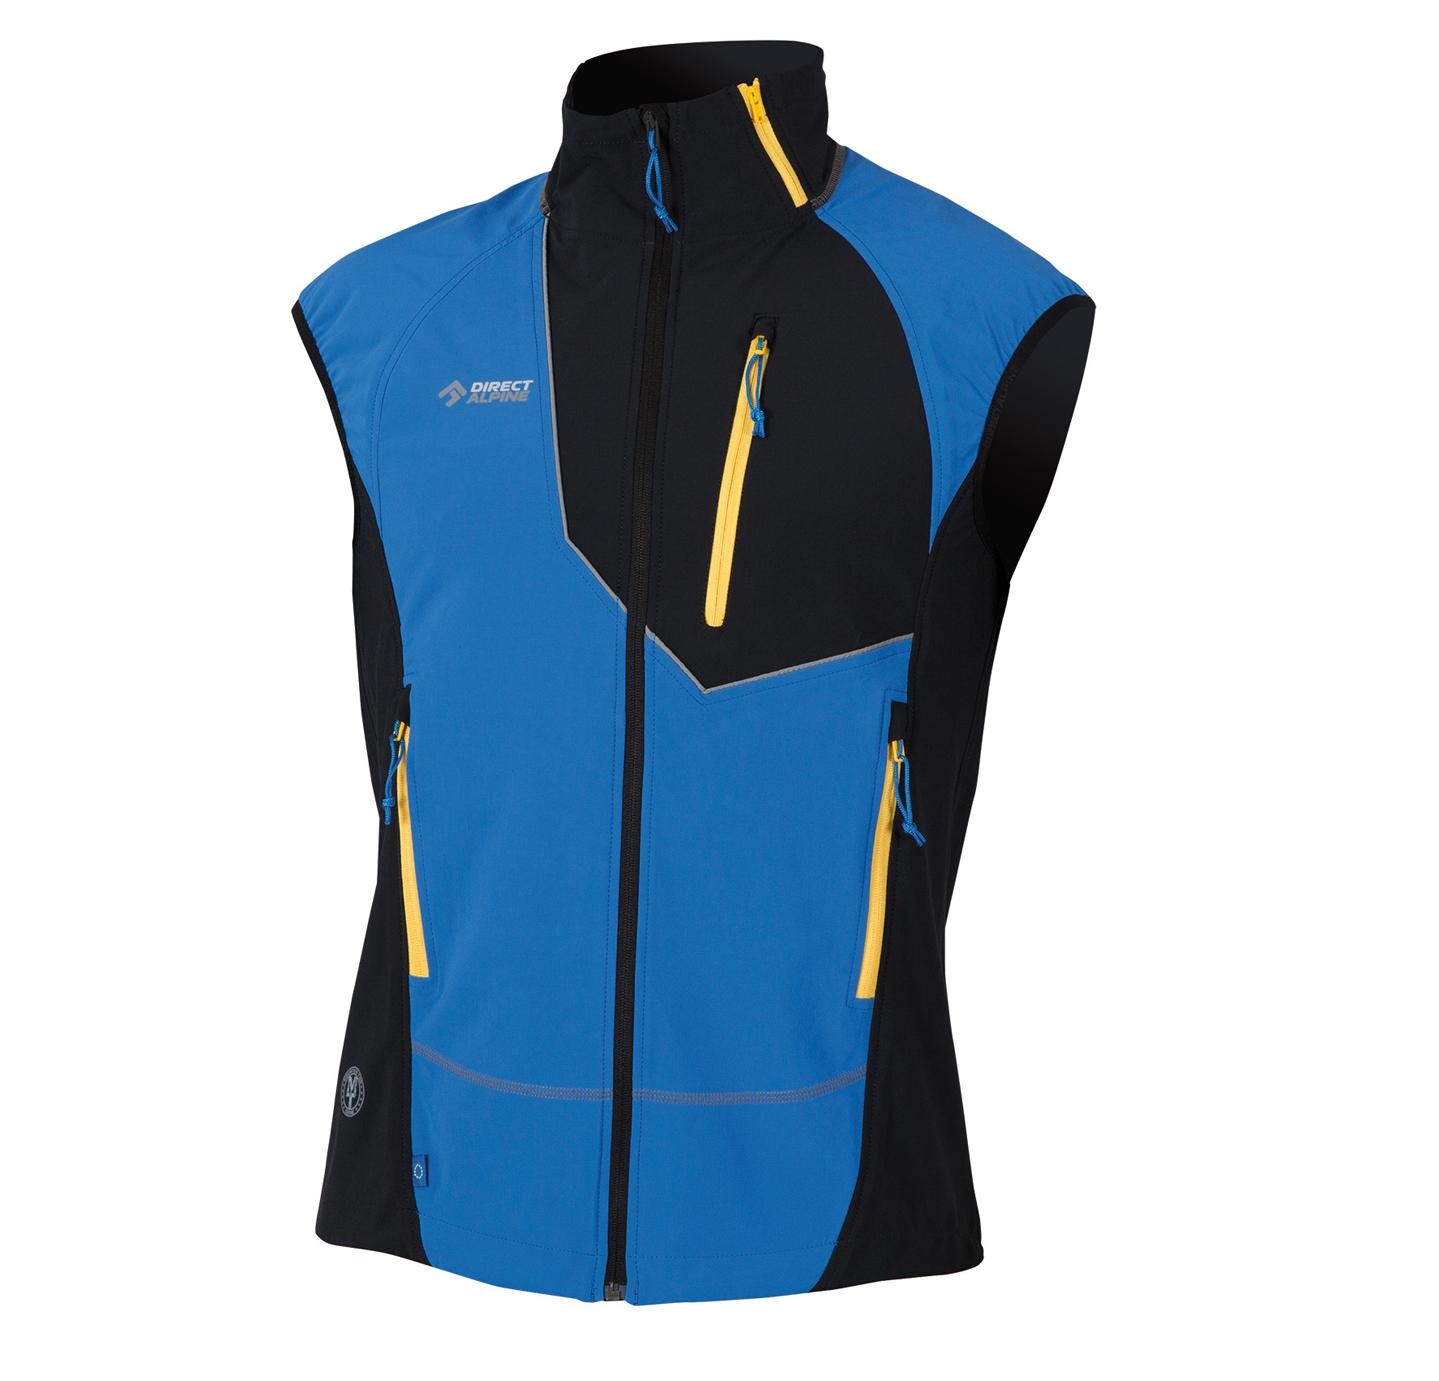 Vysoce univerzální sportovní vesta pro aktivní pohyb při trekingu c52e764d6f8